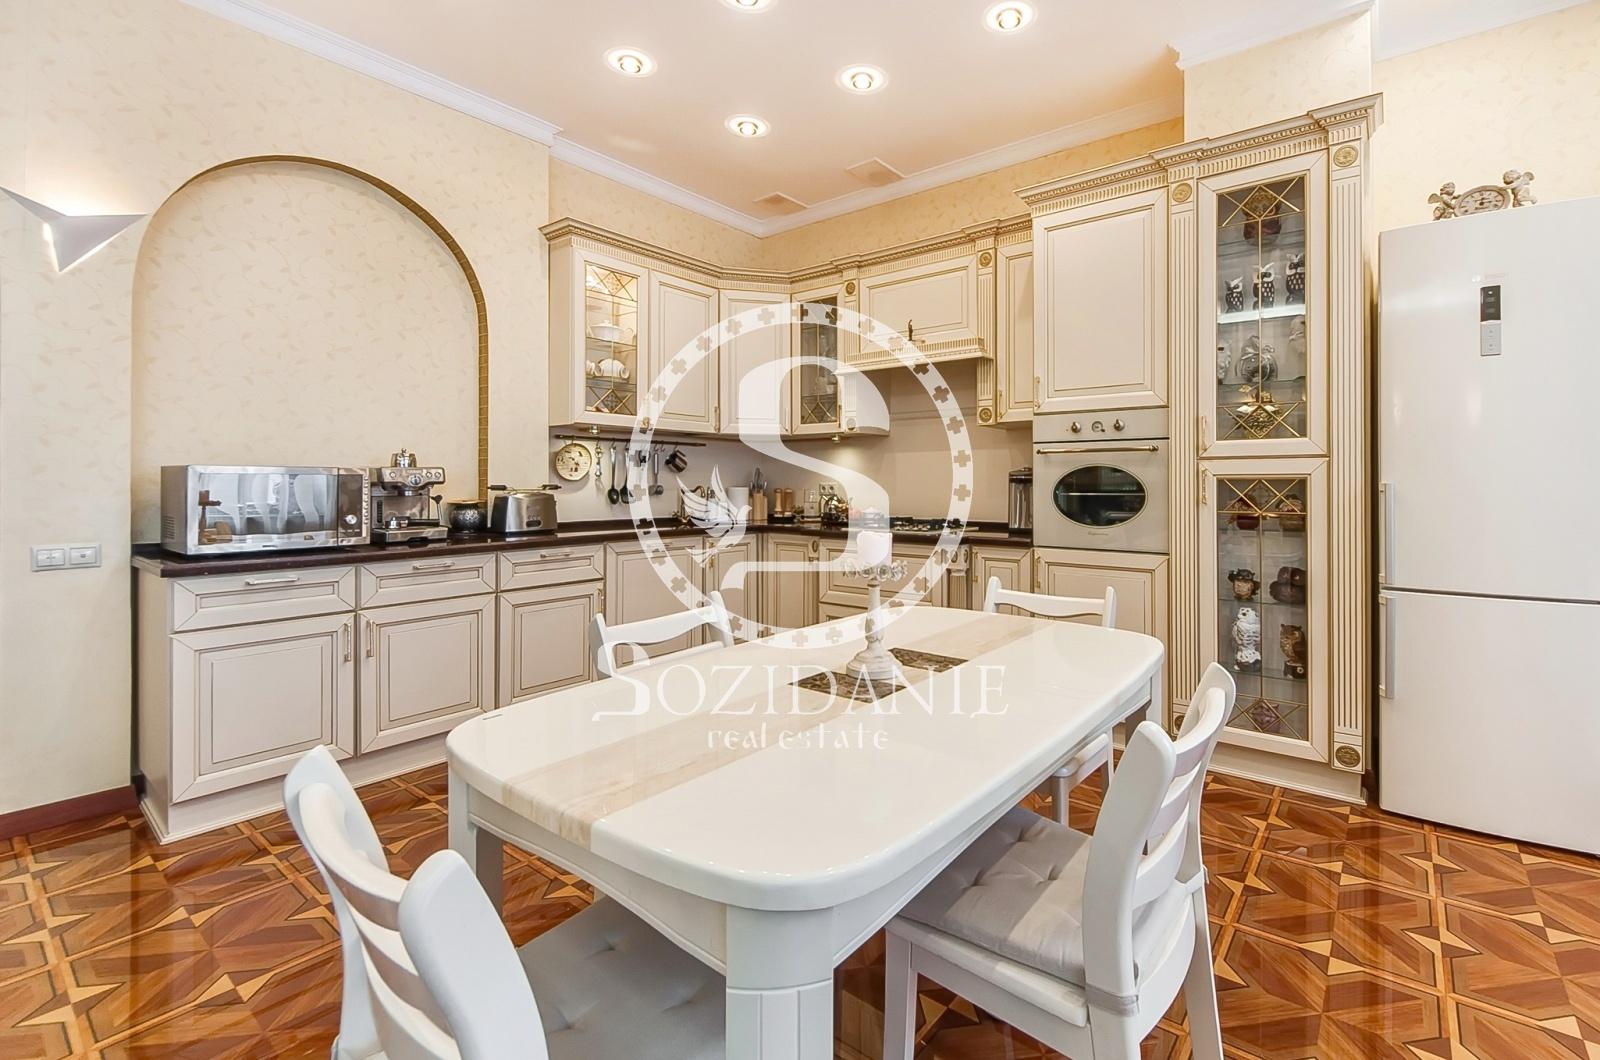 4 Bedrooms, Загородная, Продажа, Listing ID 1519, Московская область, Россия,